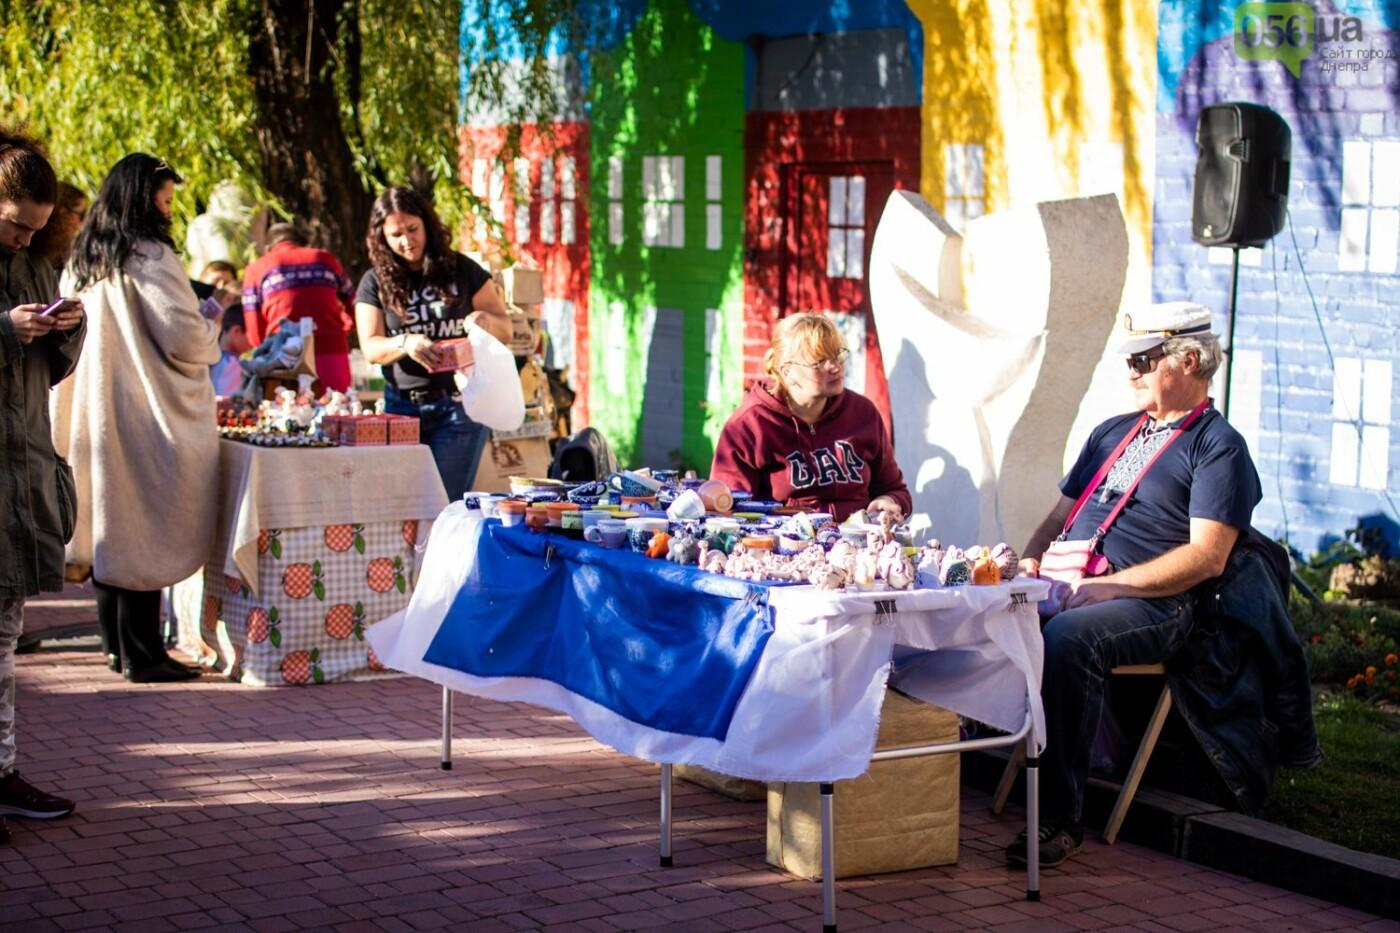 Кофейные ароматы, шоколад и солнце: как в Днепре прошел фестиваль «Осень с привкусом кофе», - ФОТОРЕПОРТАЖ, фото-8